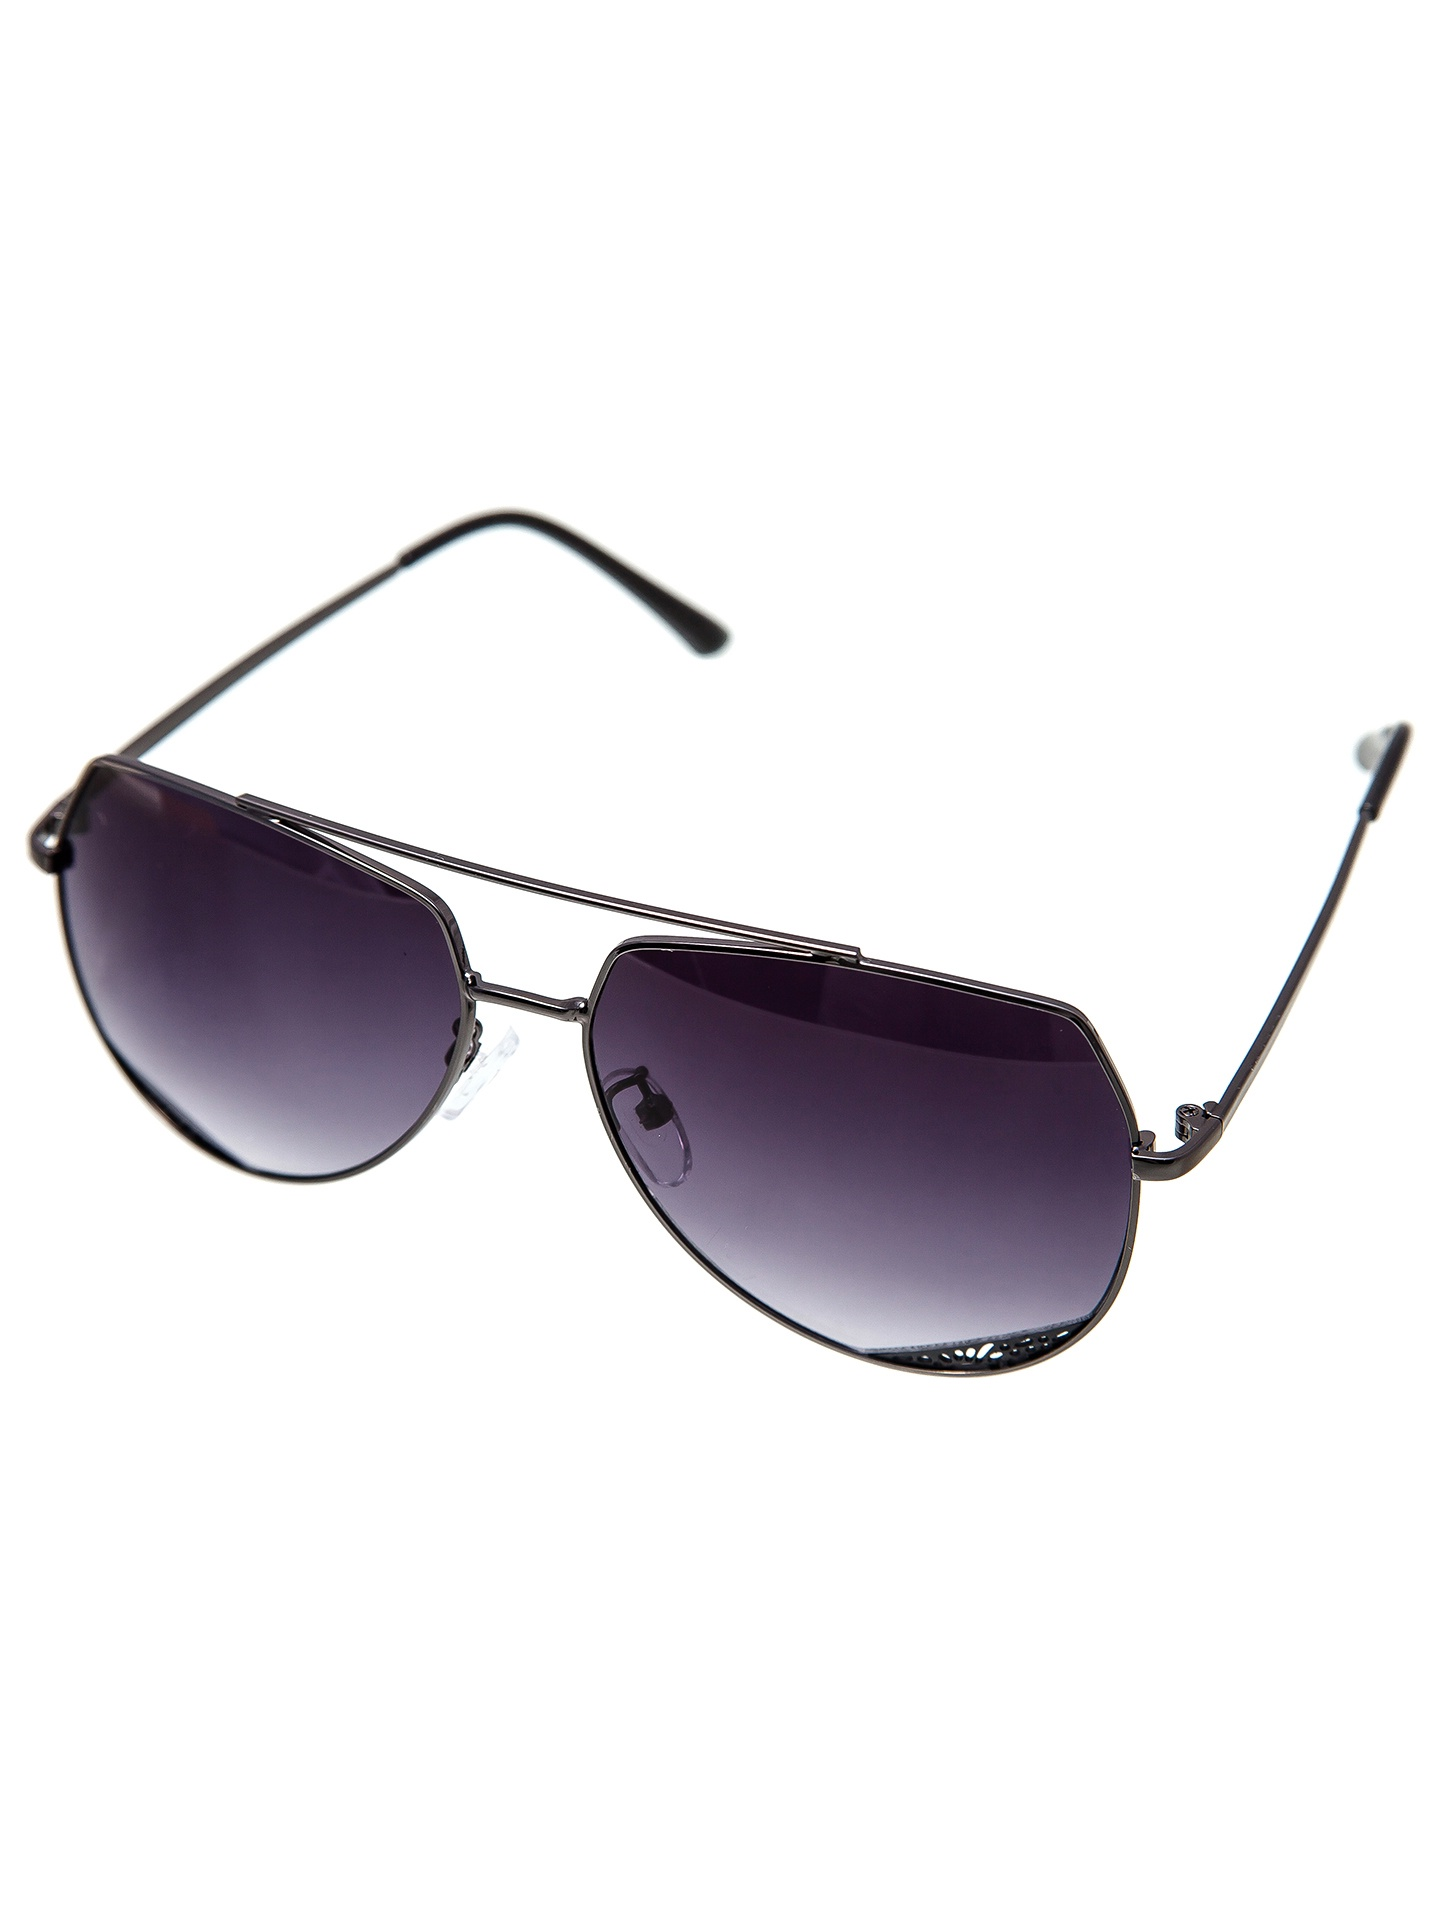 Очки солнцезащитные Aiyony Macie GLS904088, черныйG904088Размер 5 см * 14 см Состав: пластик, металл